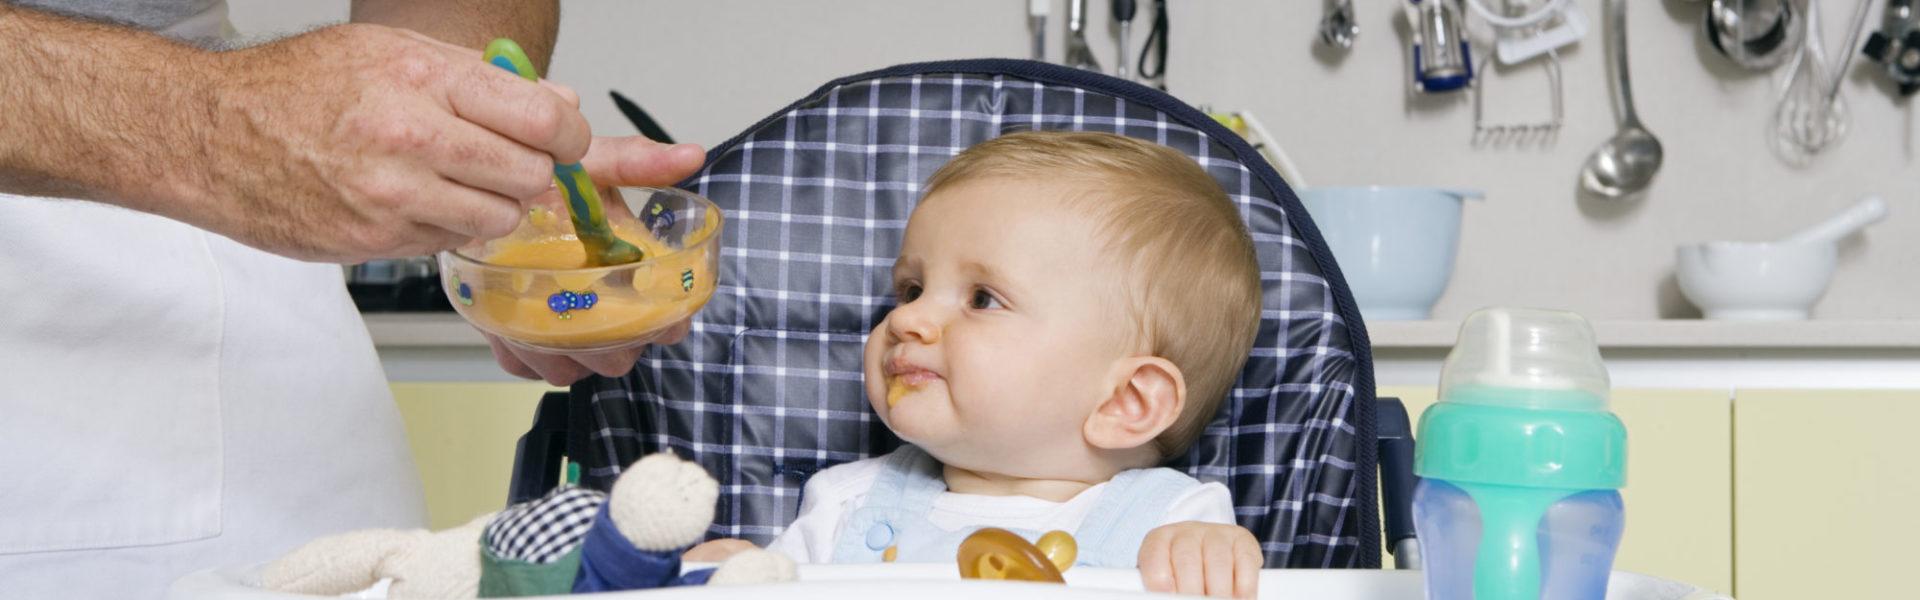 Bébé mange dans une chaise haute